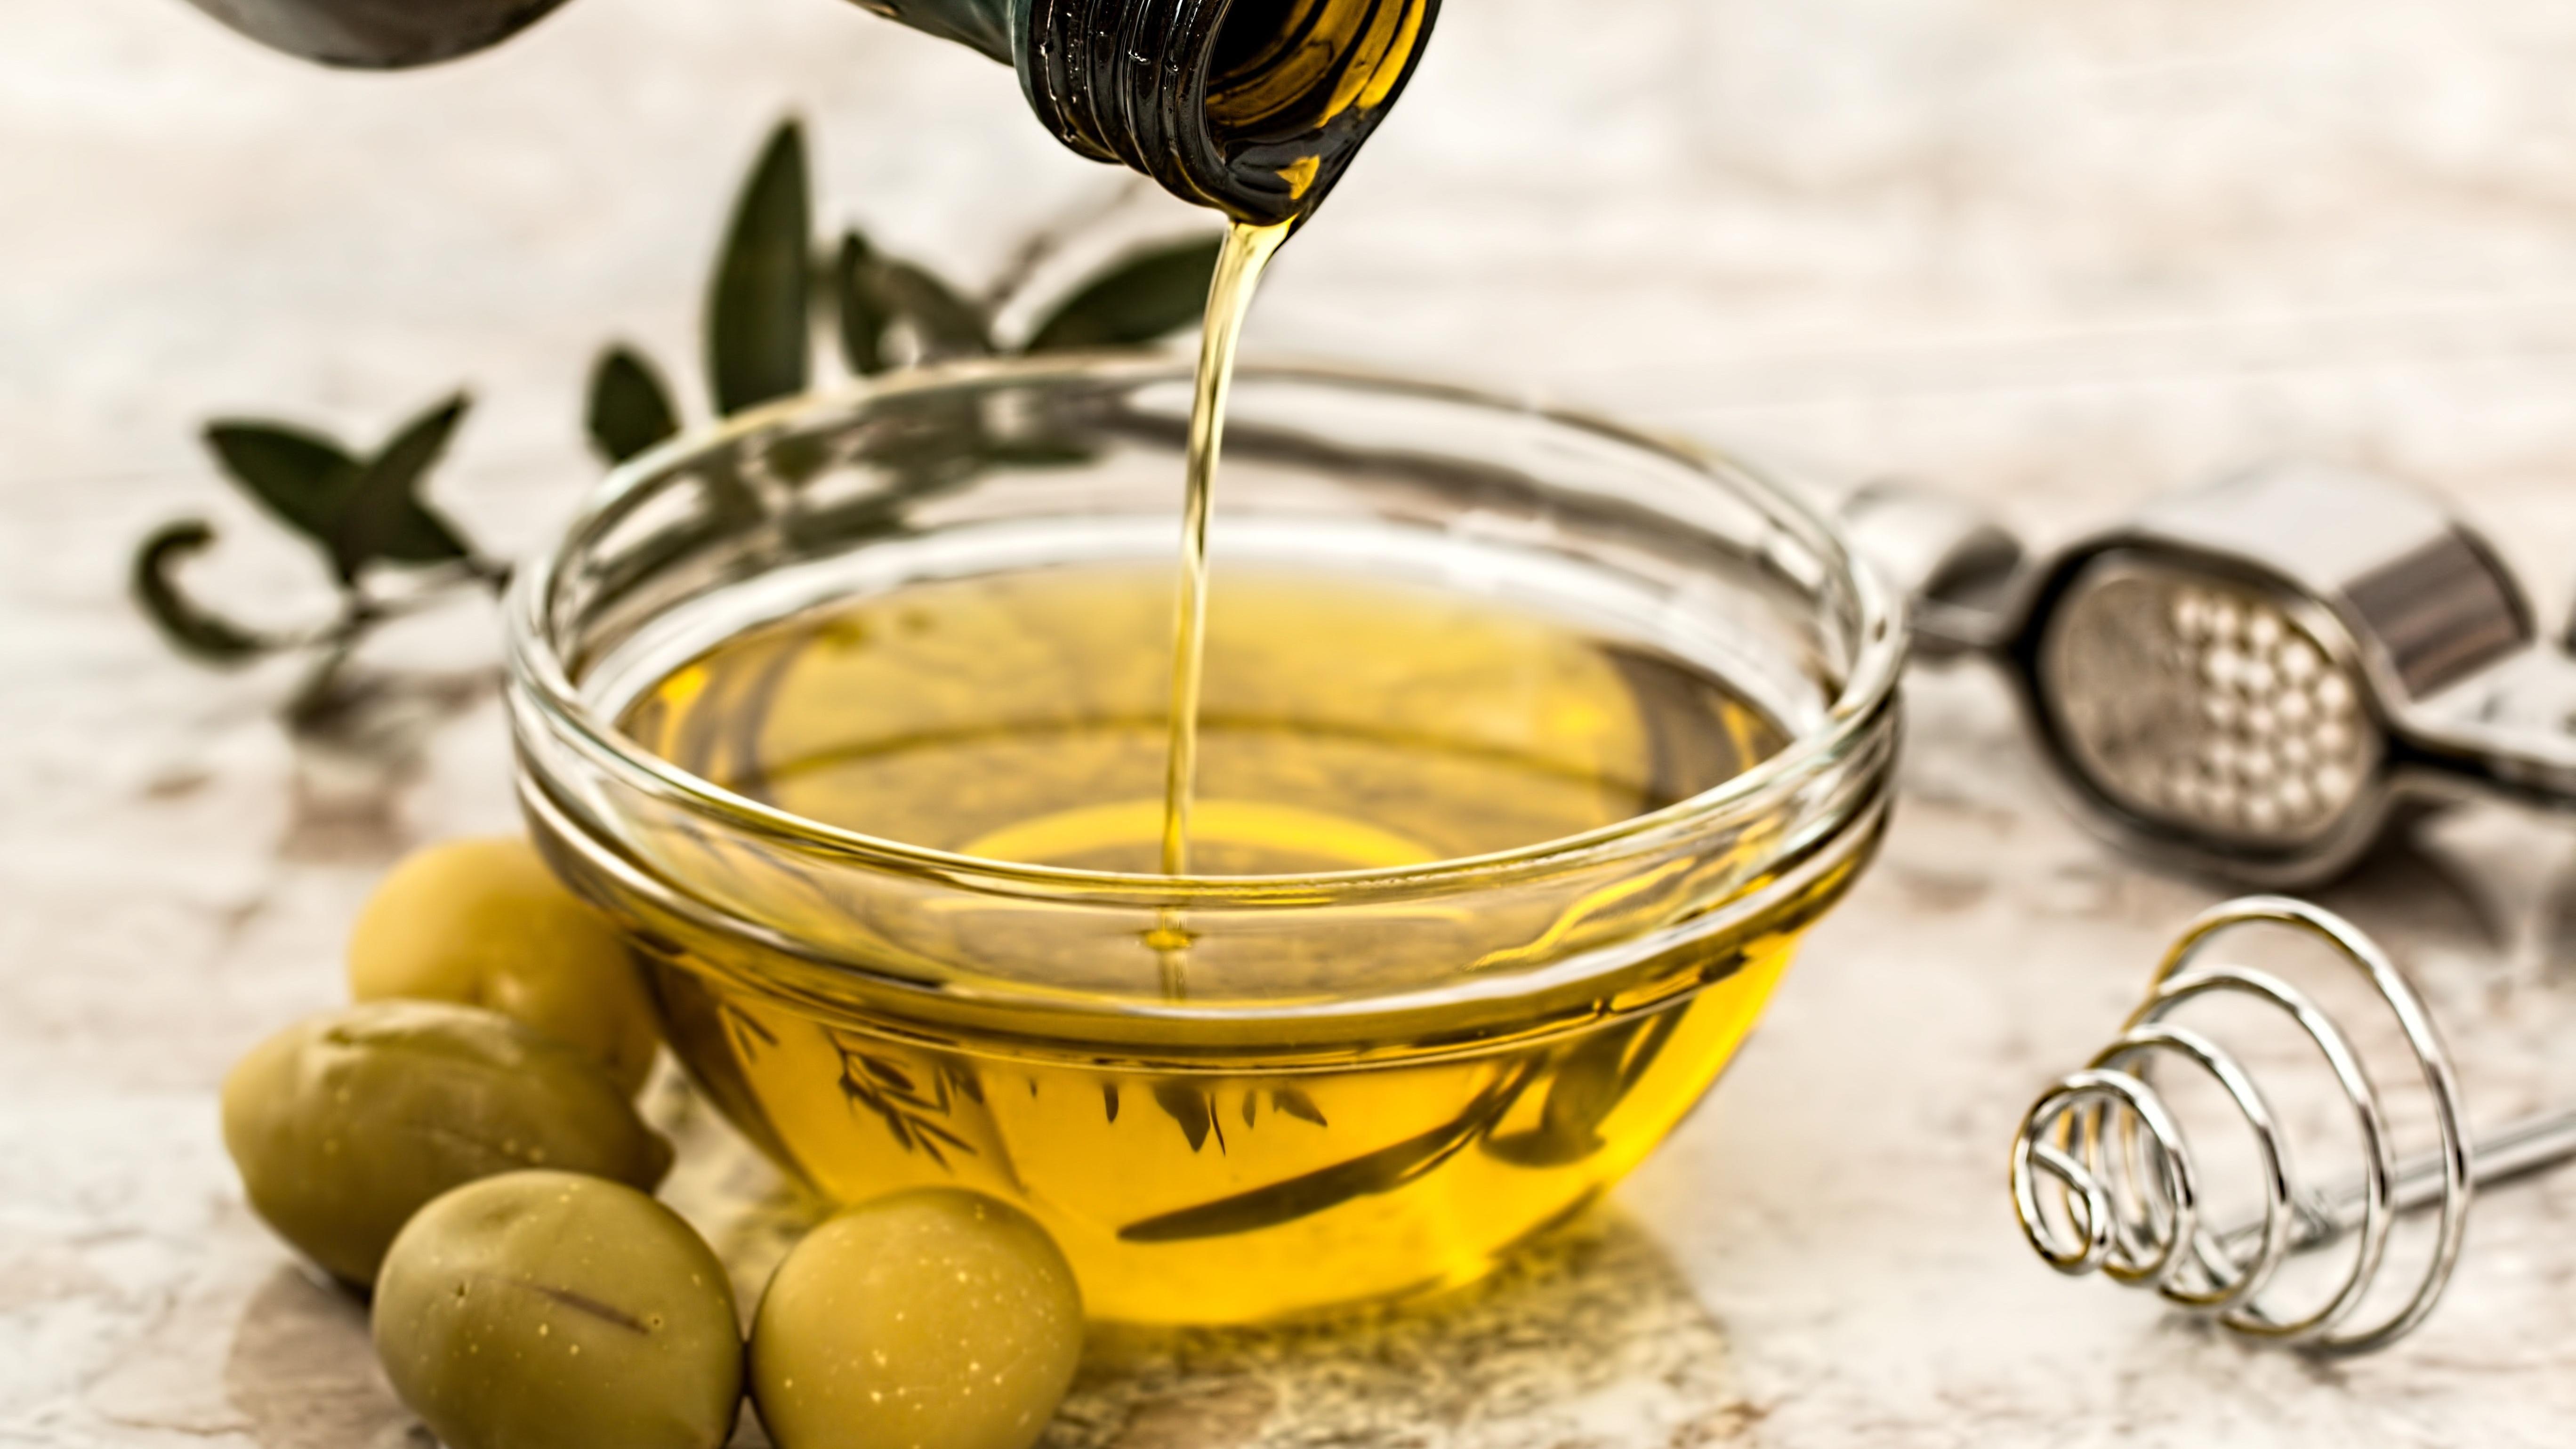 Olivenöl herstellen - so funktioniert es